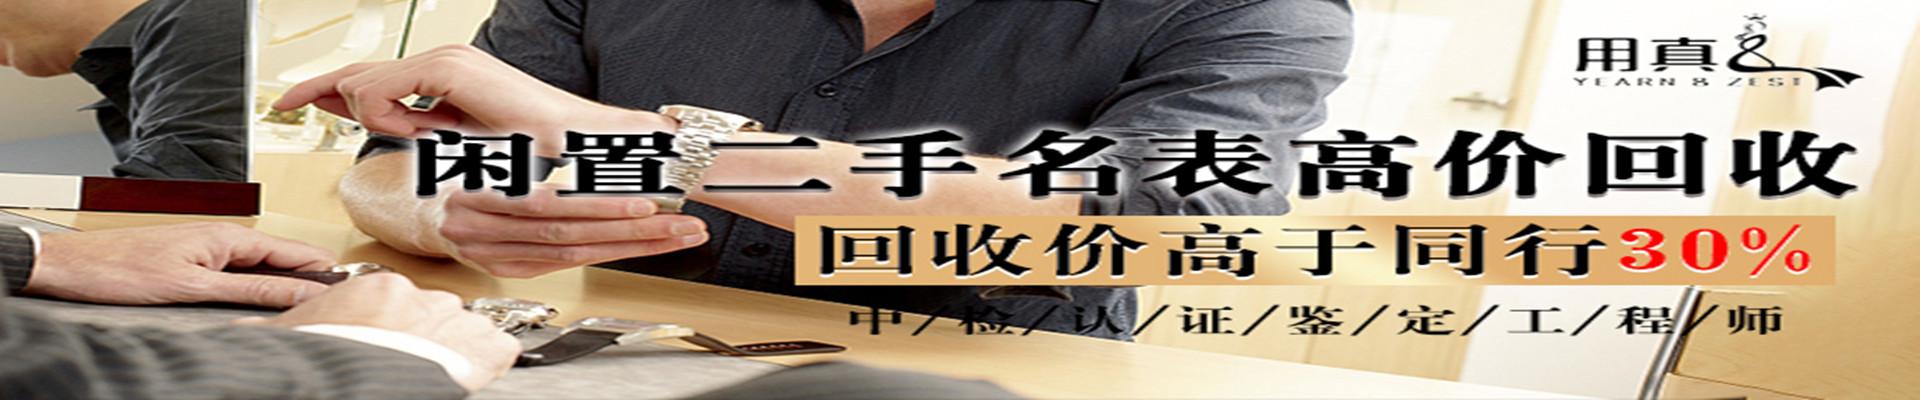 南京用真网络科技有限公司